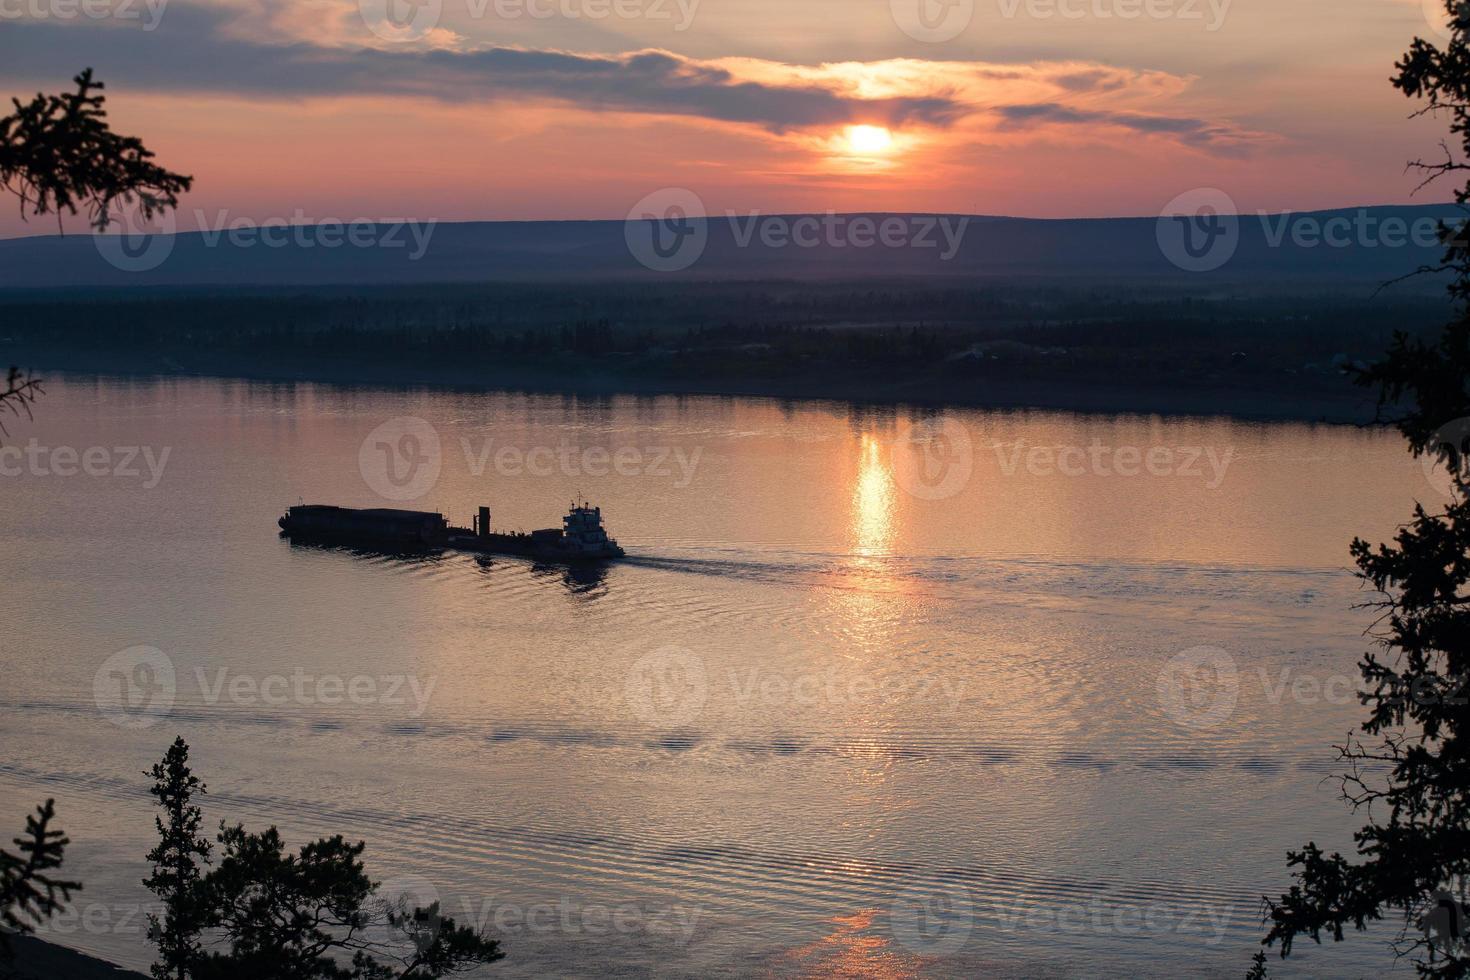 barcaza con carga subiendo el río. foto